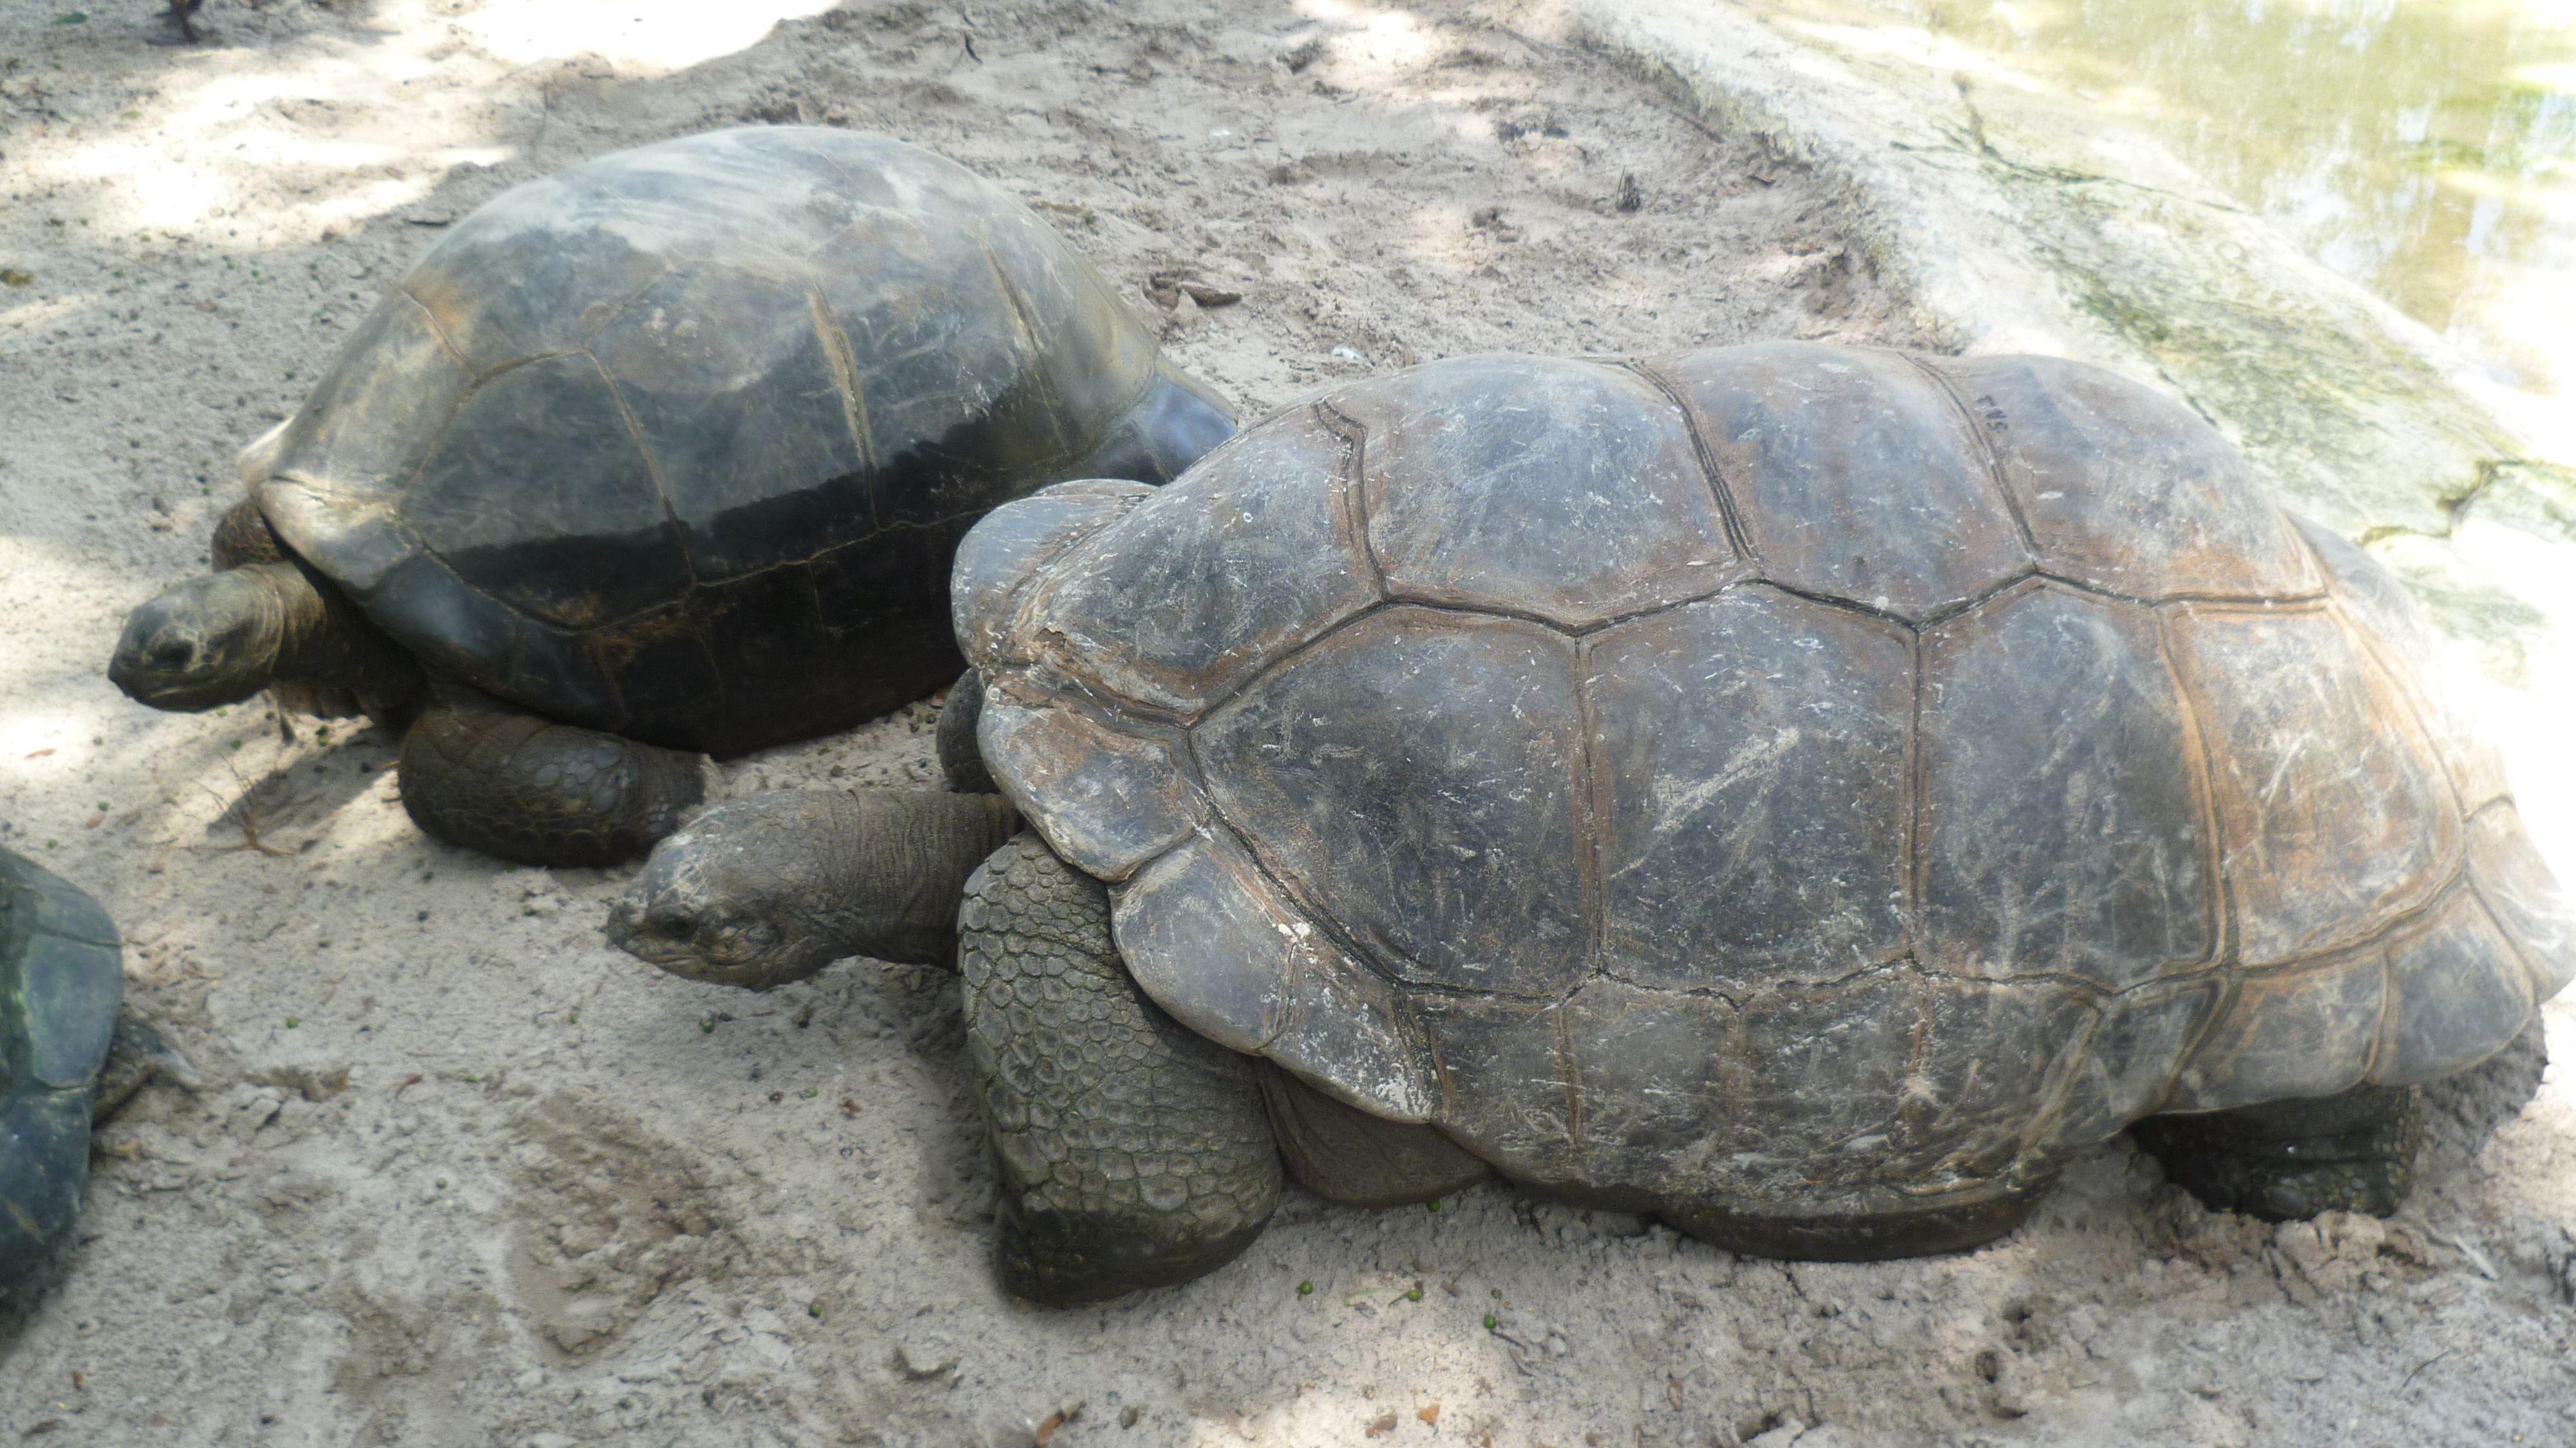 Riesenschildkröten in Orlando. | Tiere | Pinterest | Tier